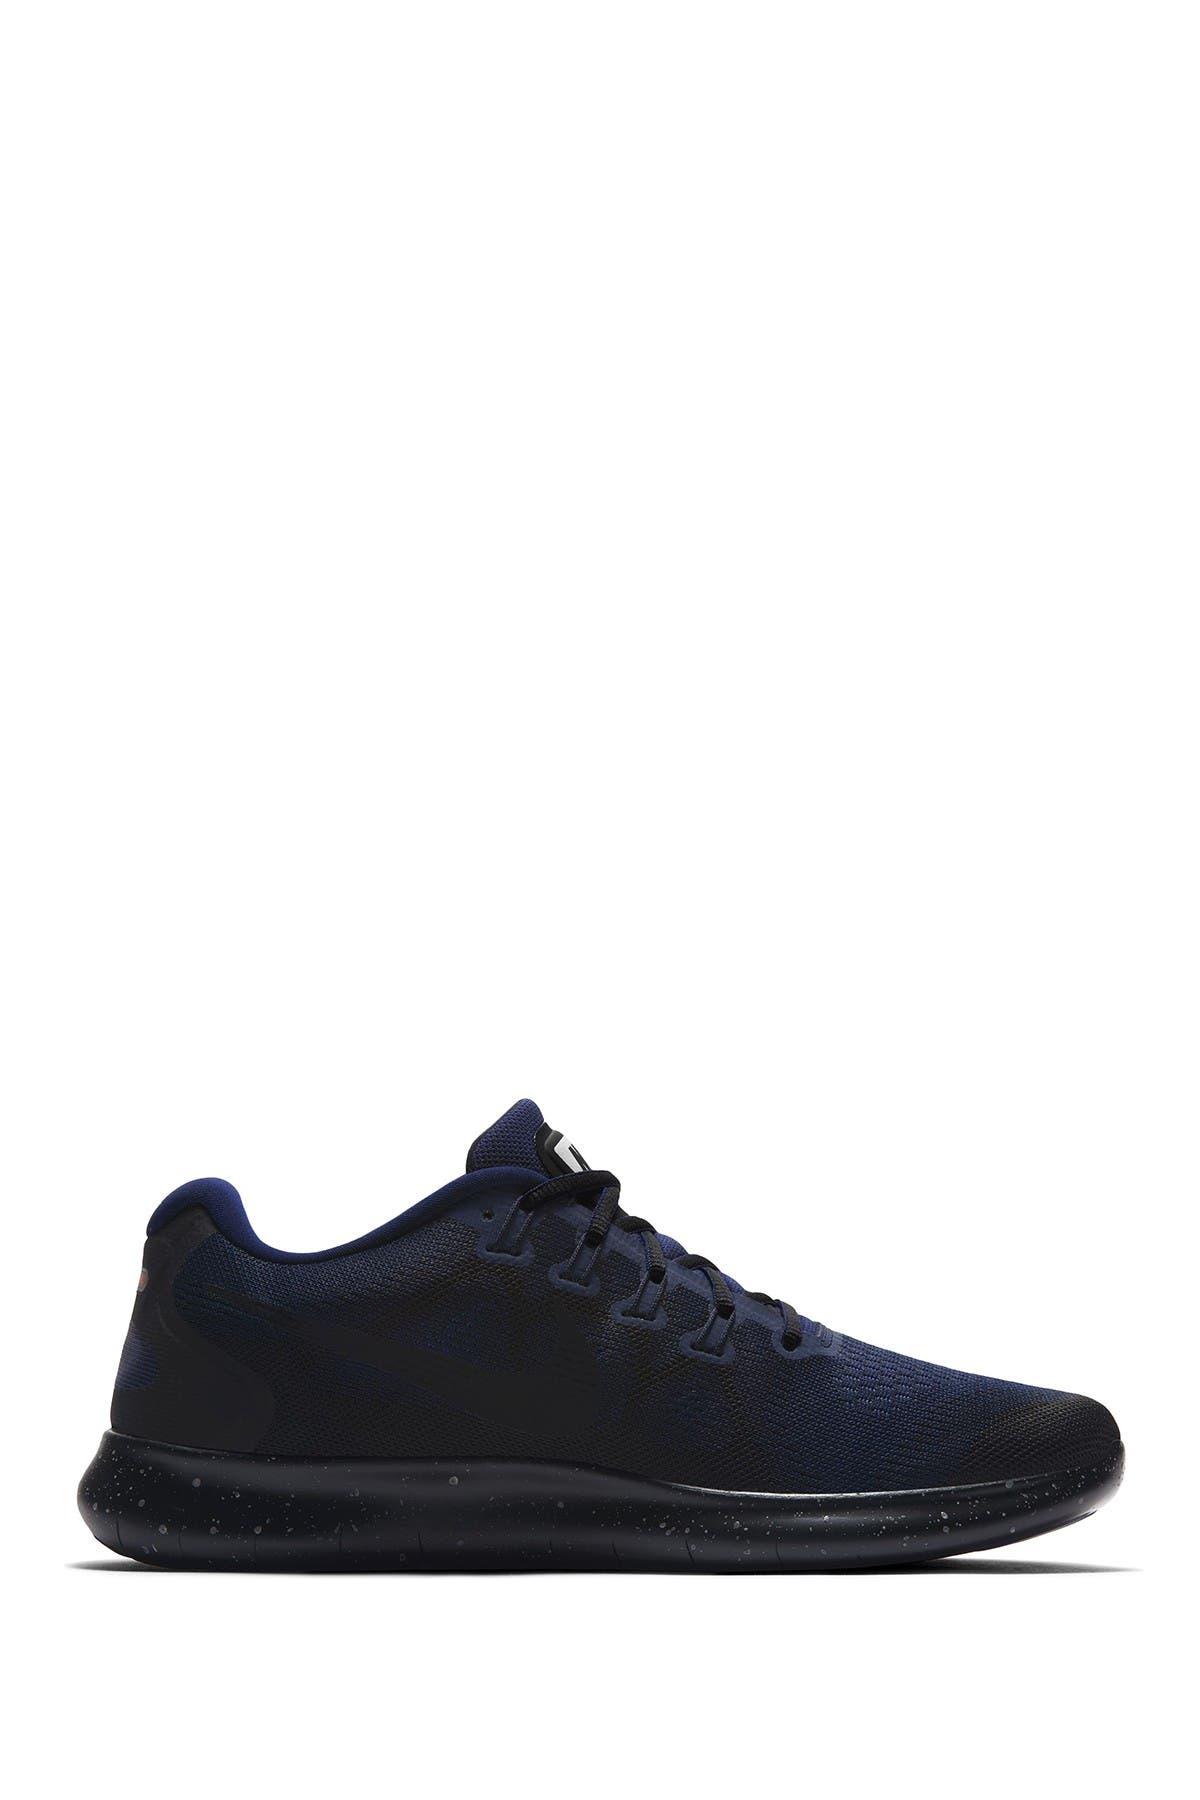 Nike   Free RN 2017 Shield Sneaker